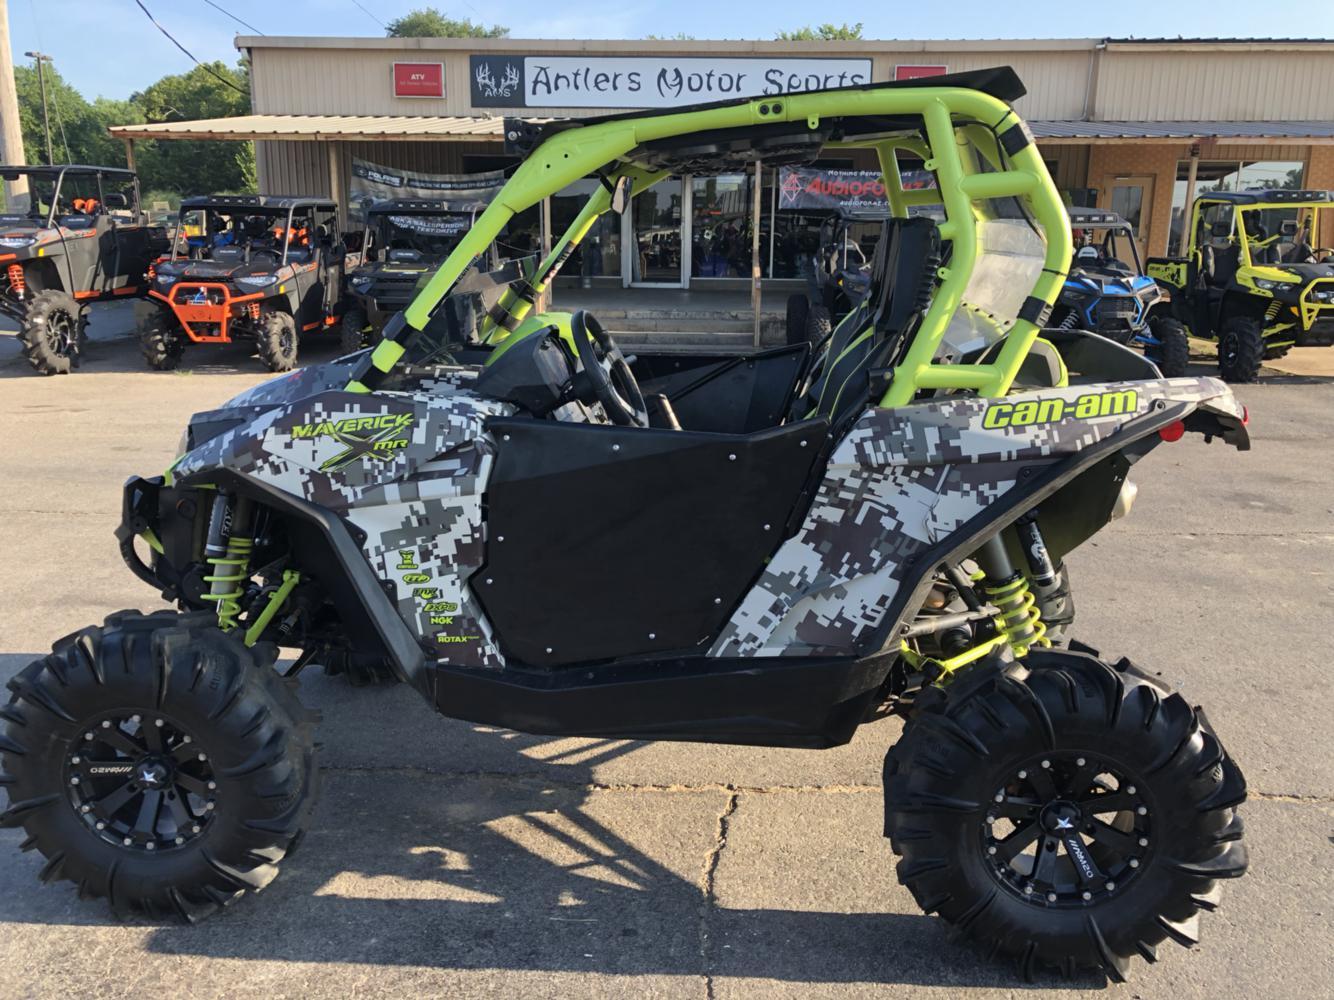 Used Side x Side Antlers Motorsports Antlers, OK (580) 298-3379